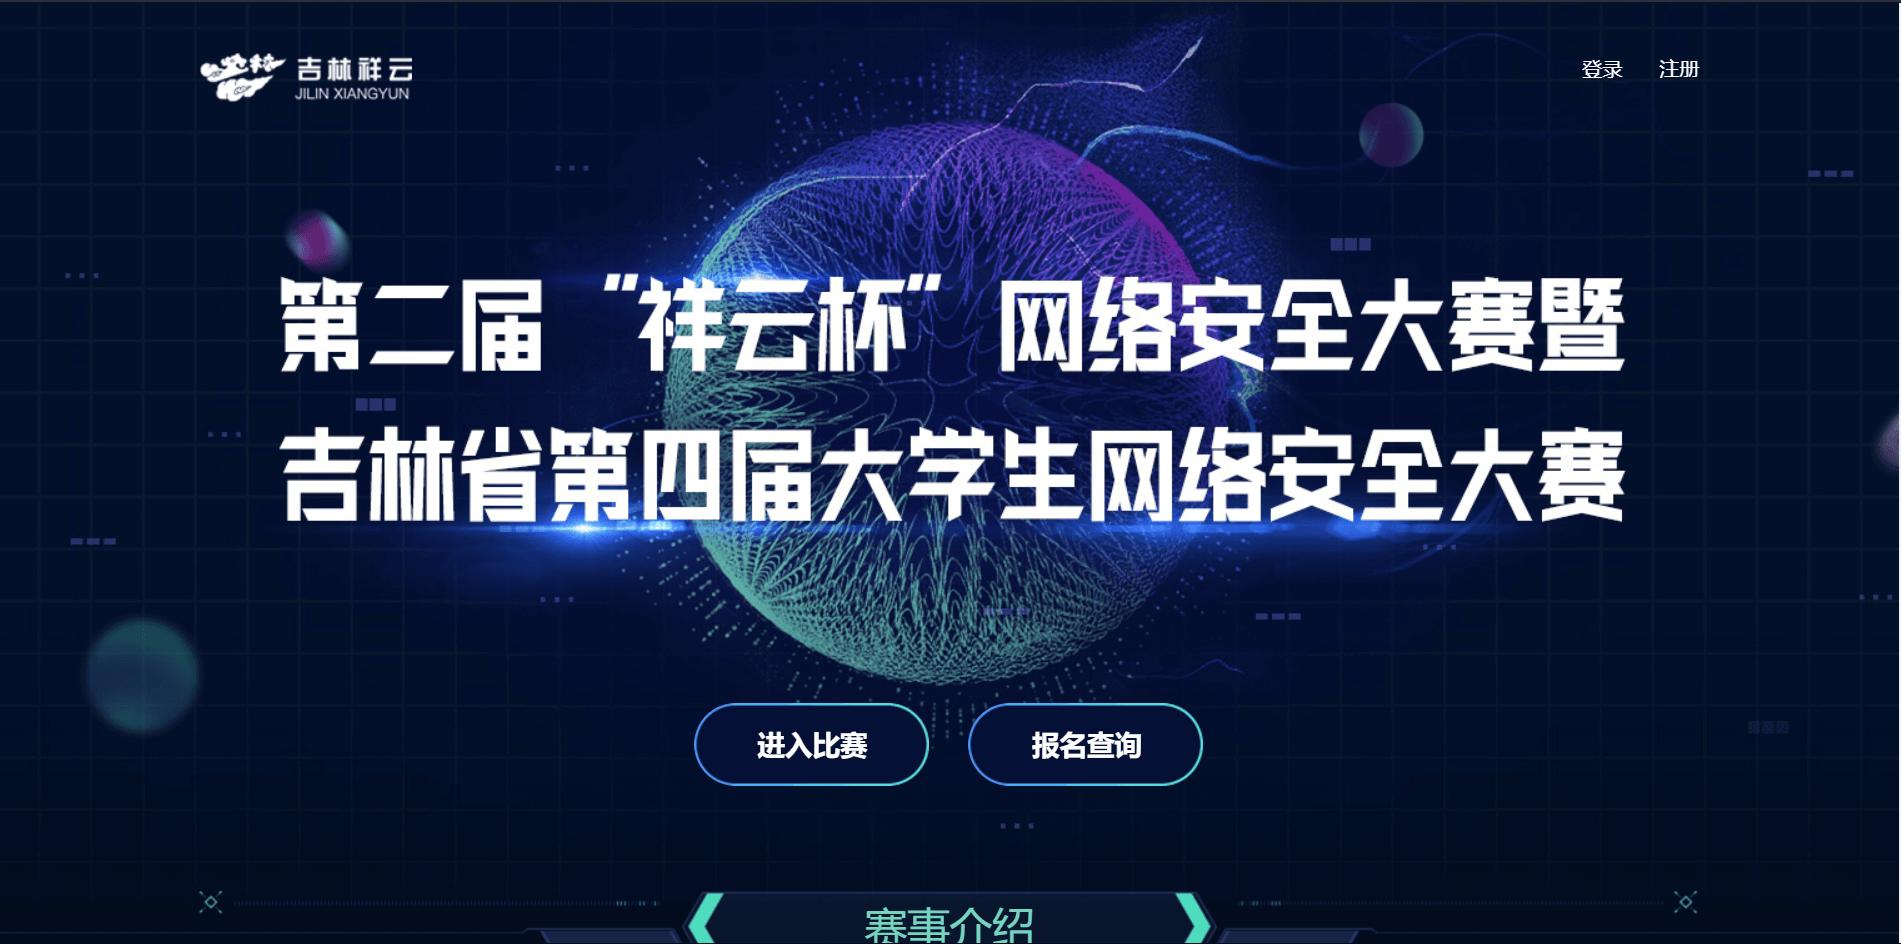 2021祥云杯WEB-WP